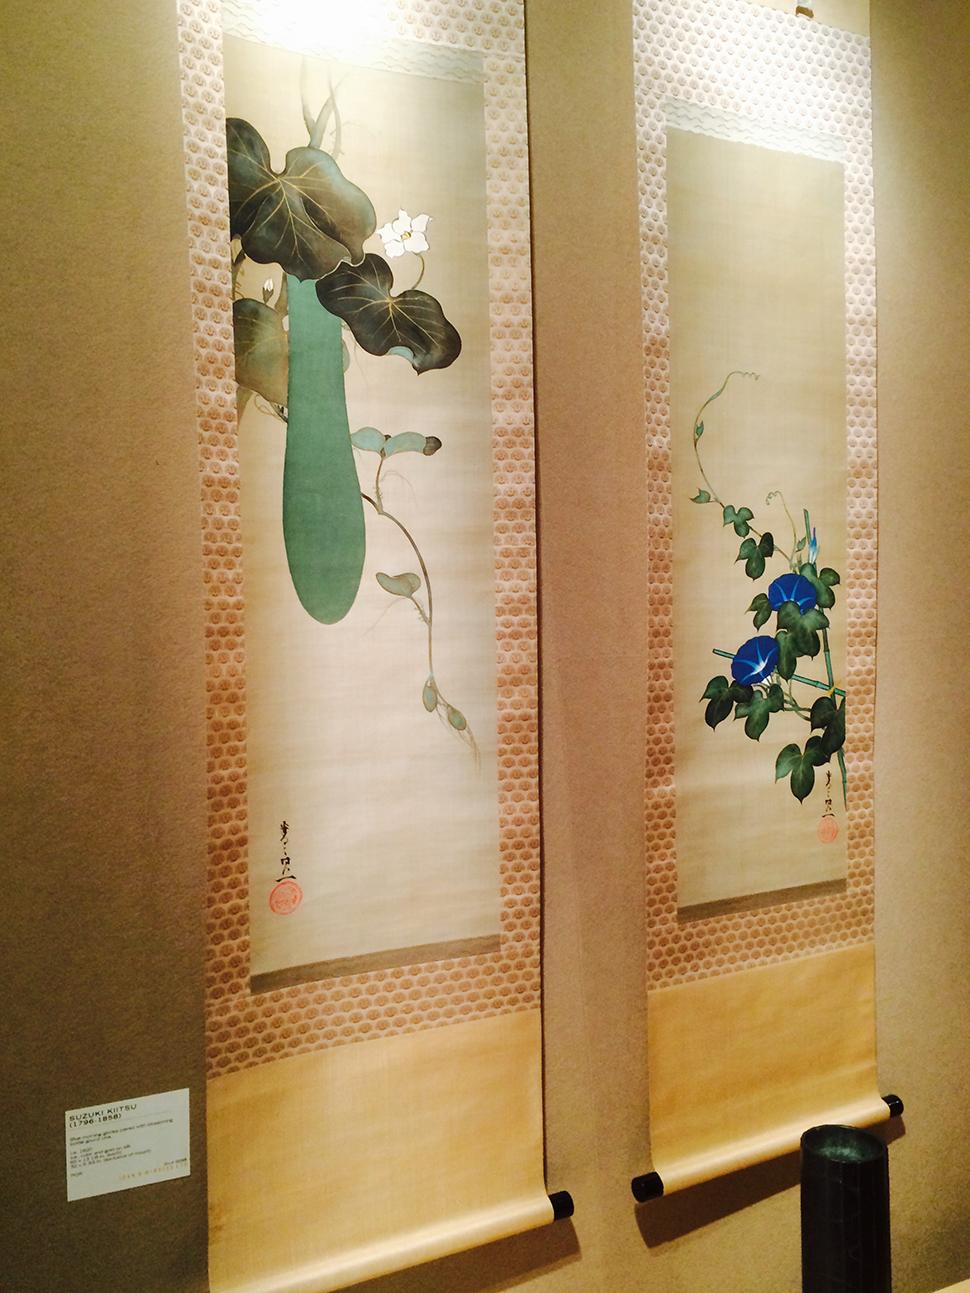 나팔꽃의 색감으로 유명한 린파 작가 스즈키 키츠의 작품